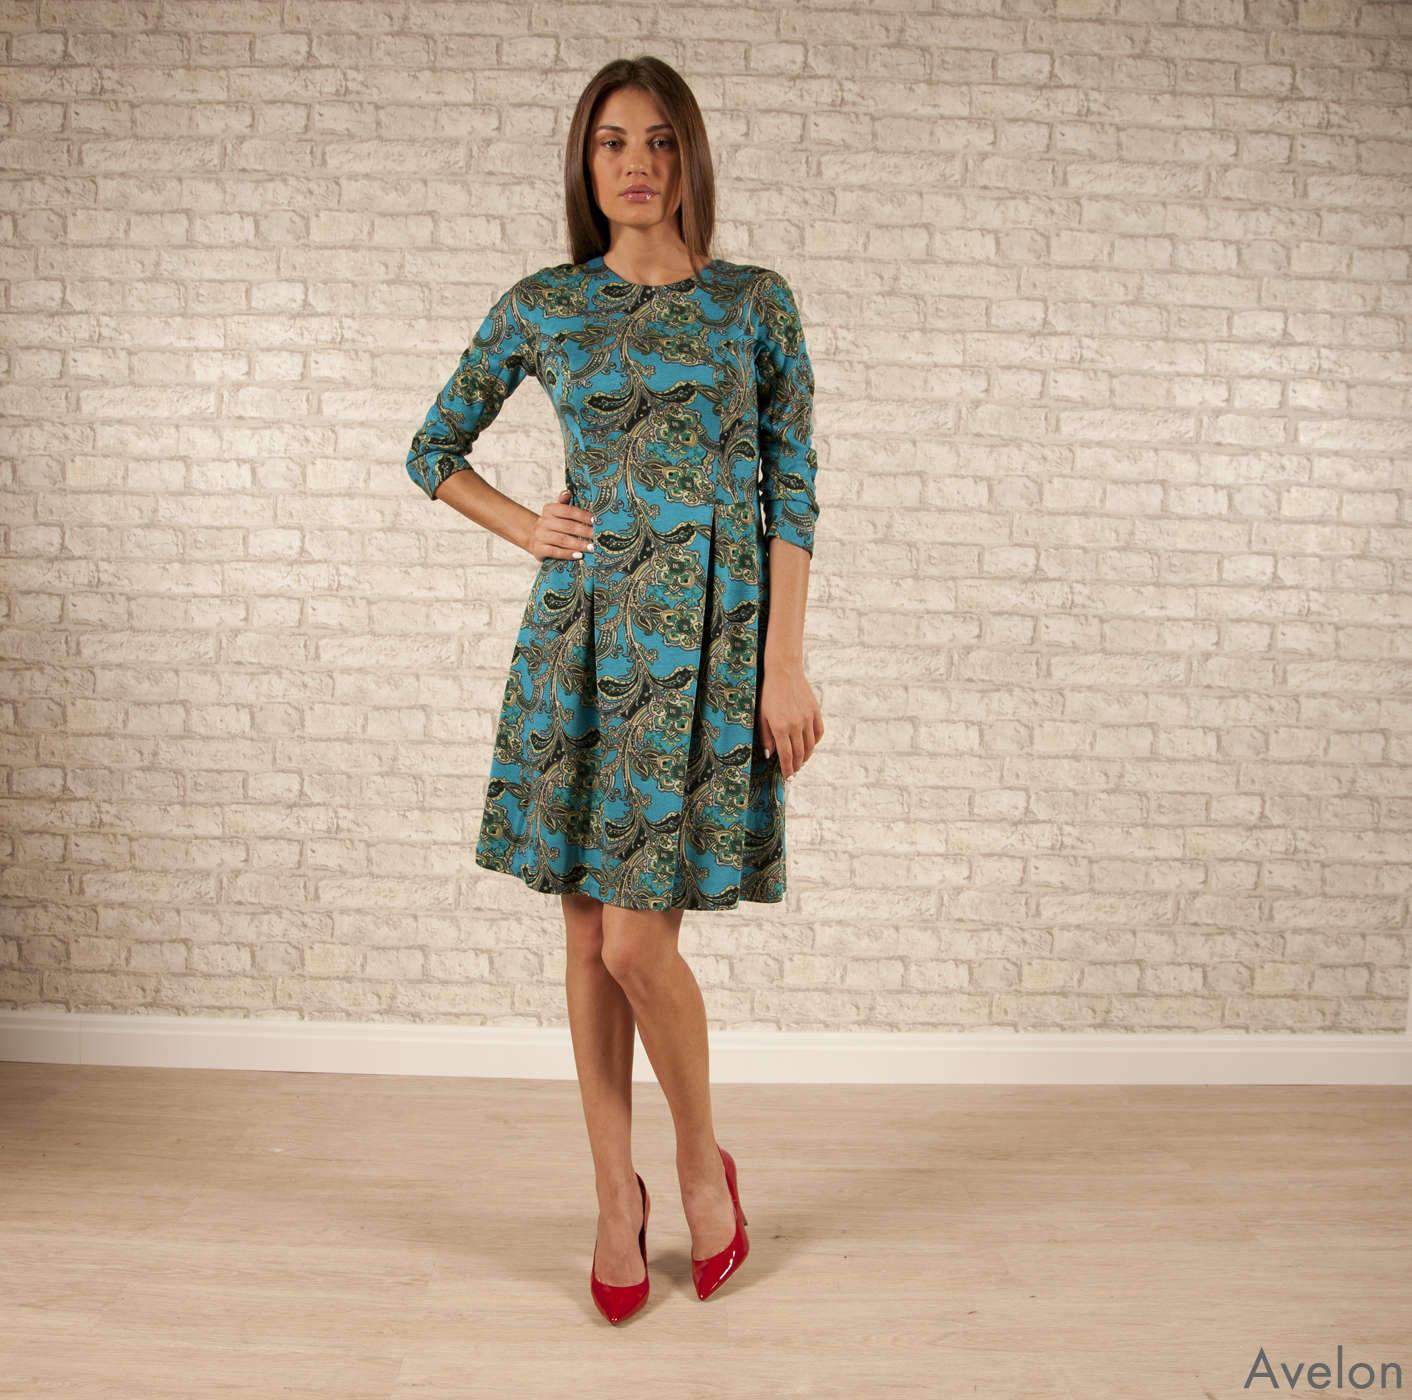 Каталог Женской Одежды Авелон Доставка